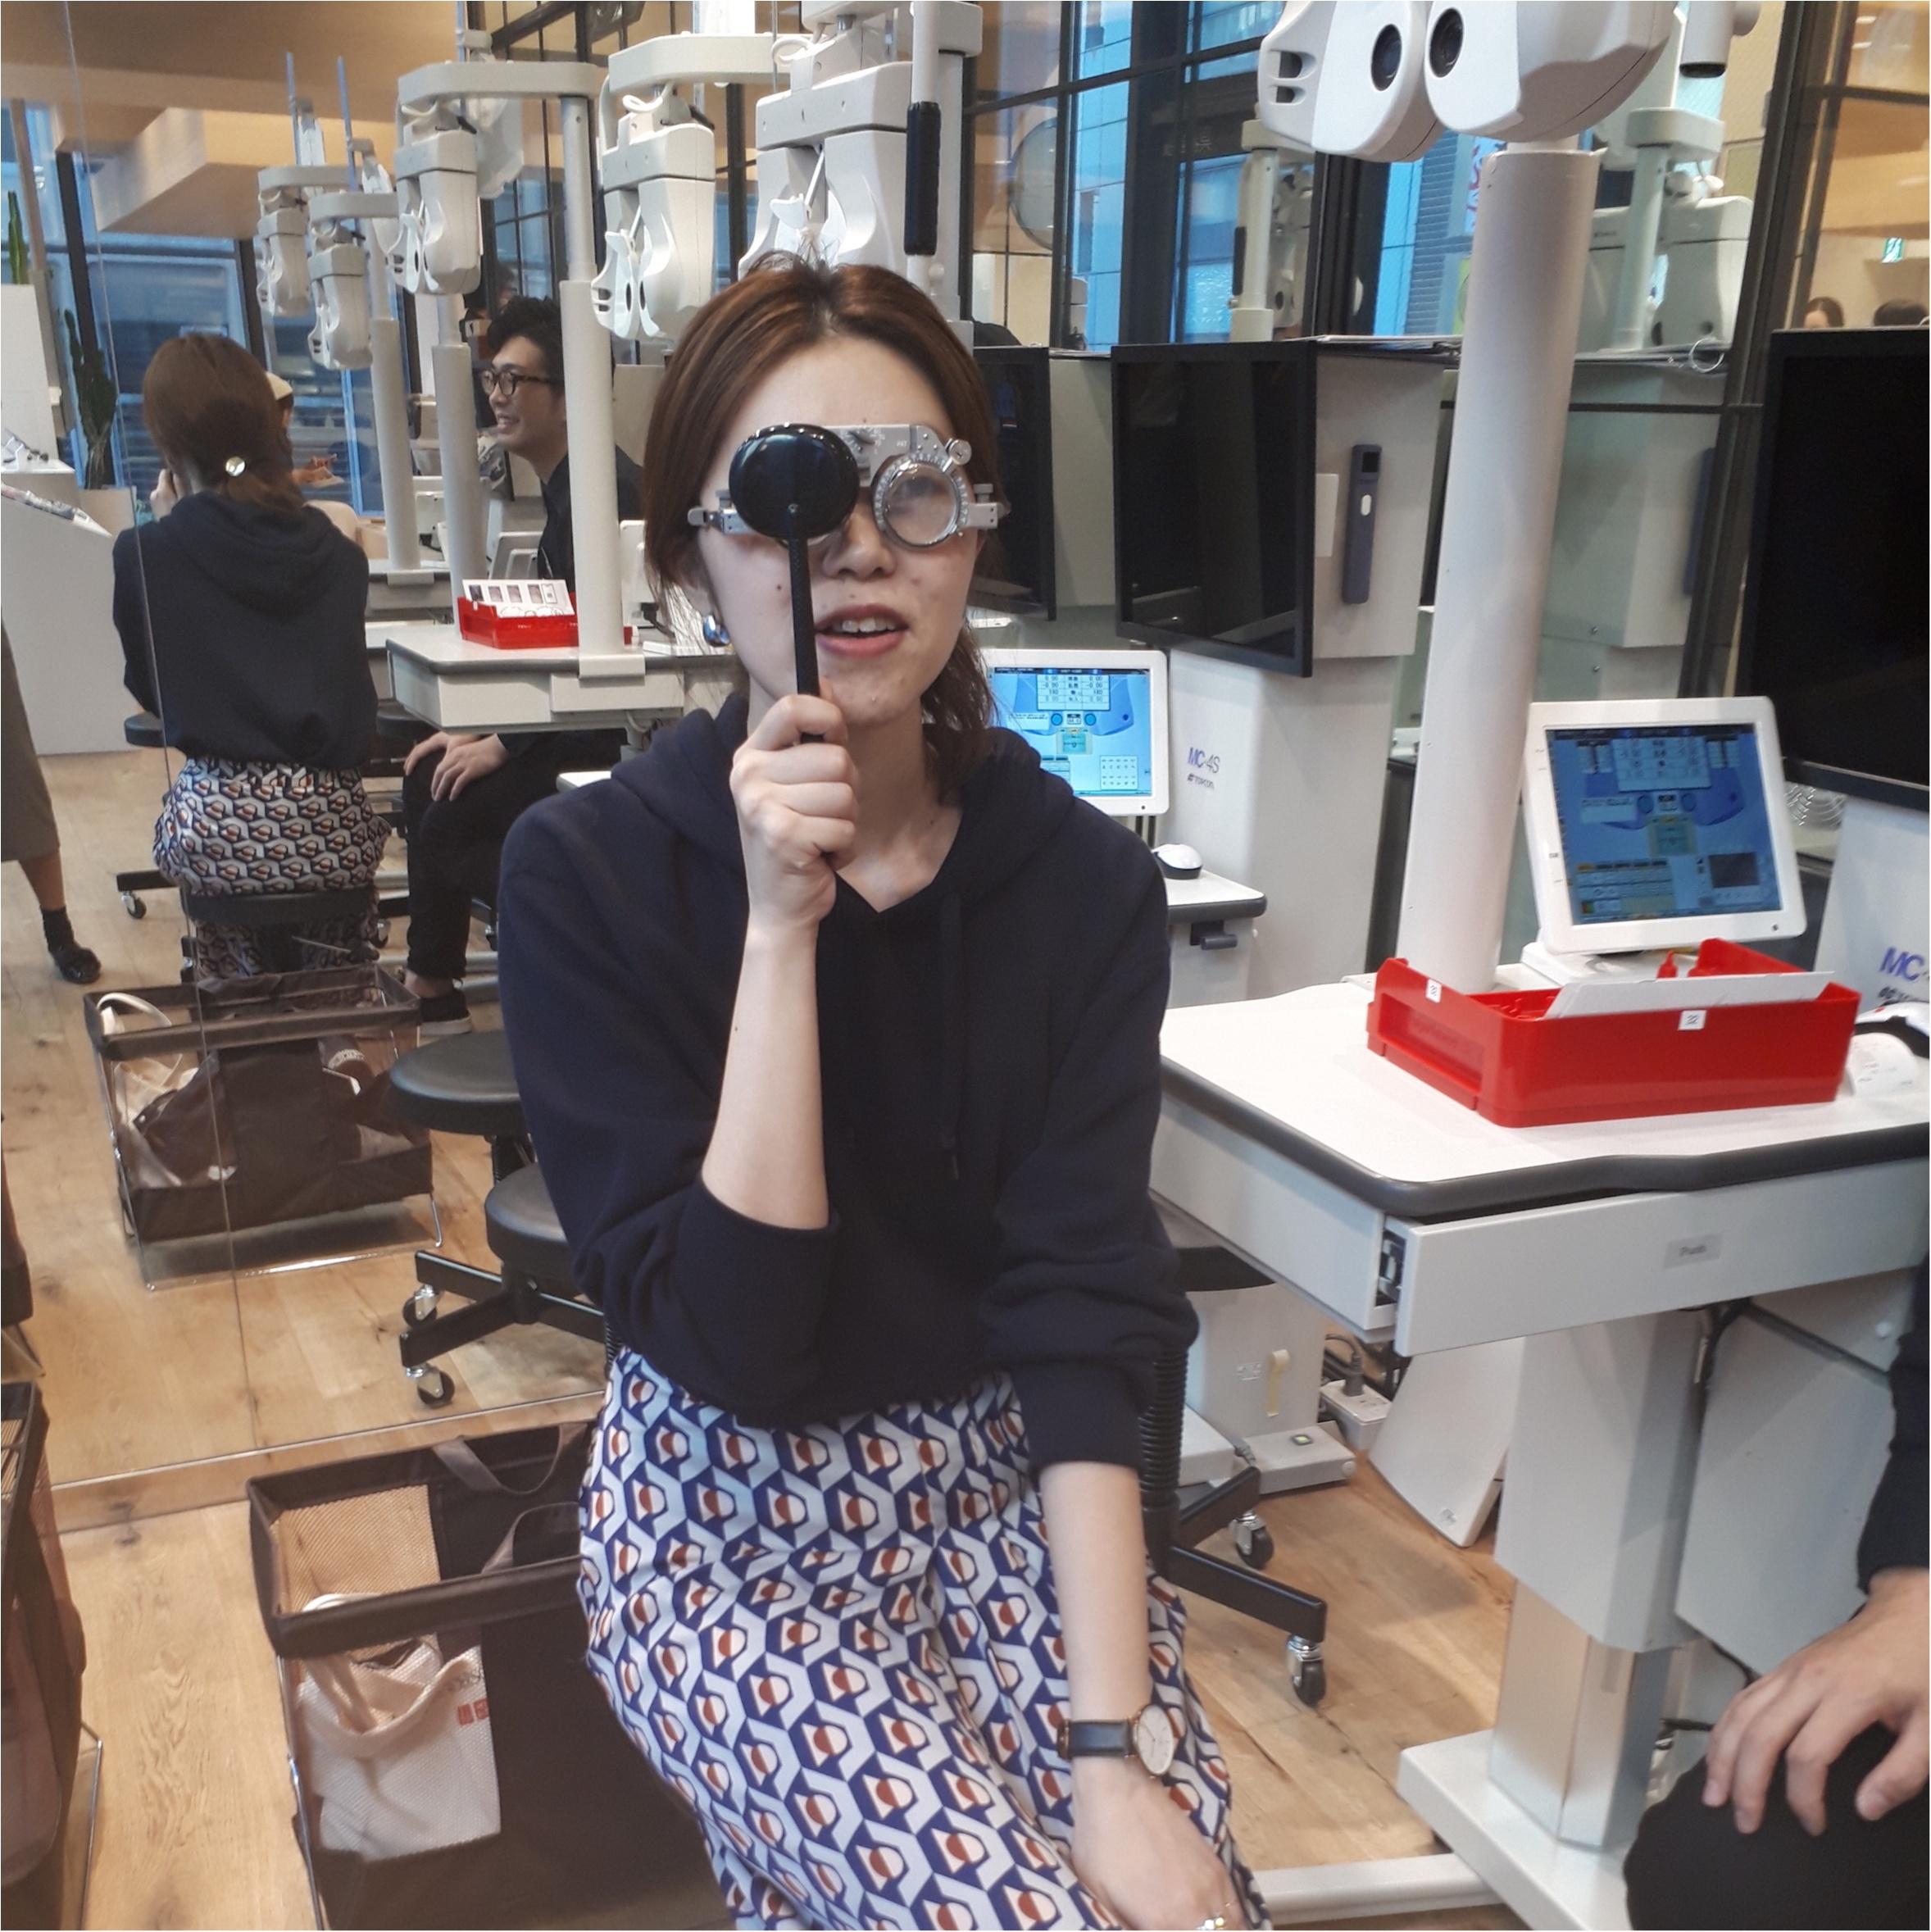 ライターみかりんが『JINS』でガチのメガネ選び! 自分にいちばん似合うメガネに出合った♡_3_4